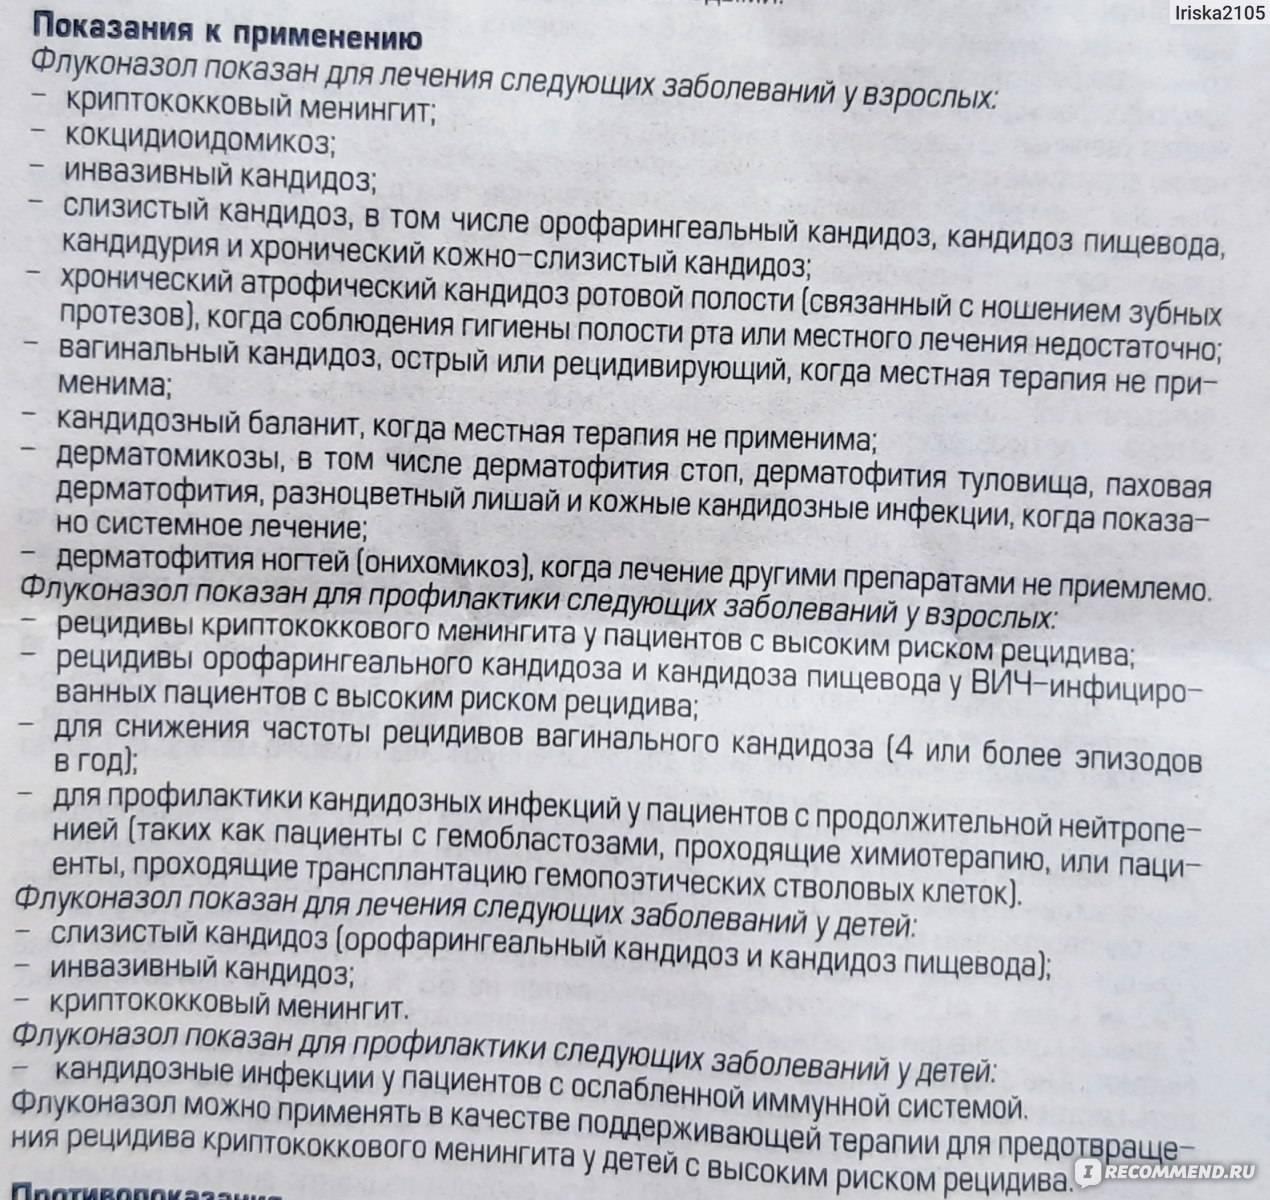 Флуконазол-сандоз капсулы — инструкция по применению | справочник лекарственных препаратов medum.ru